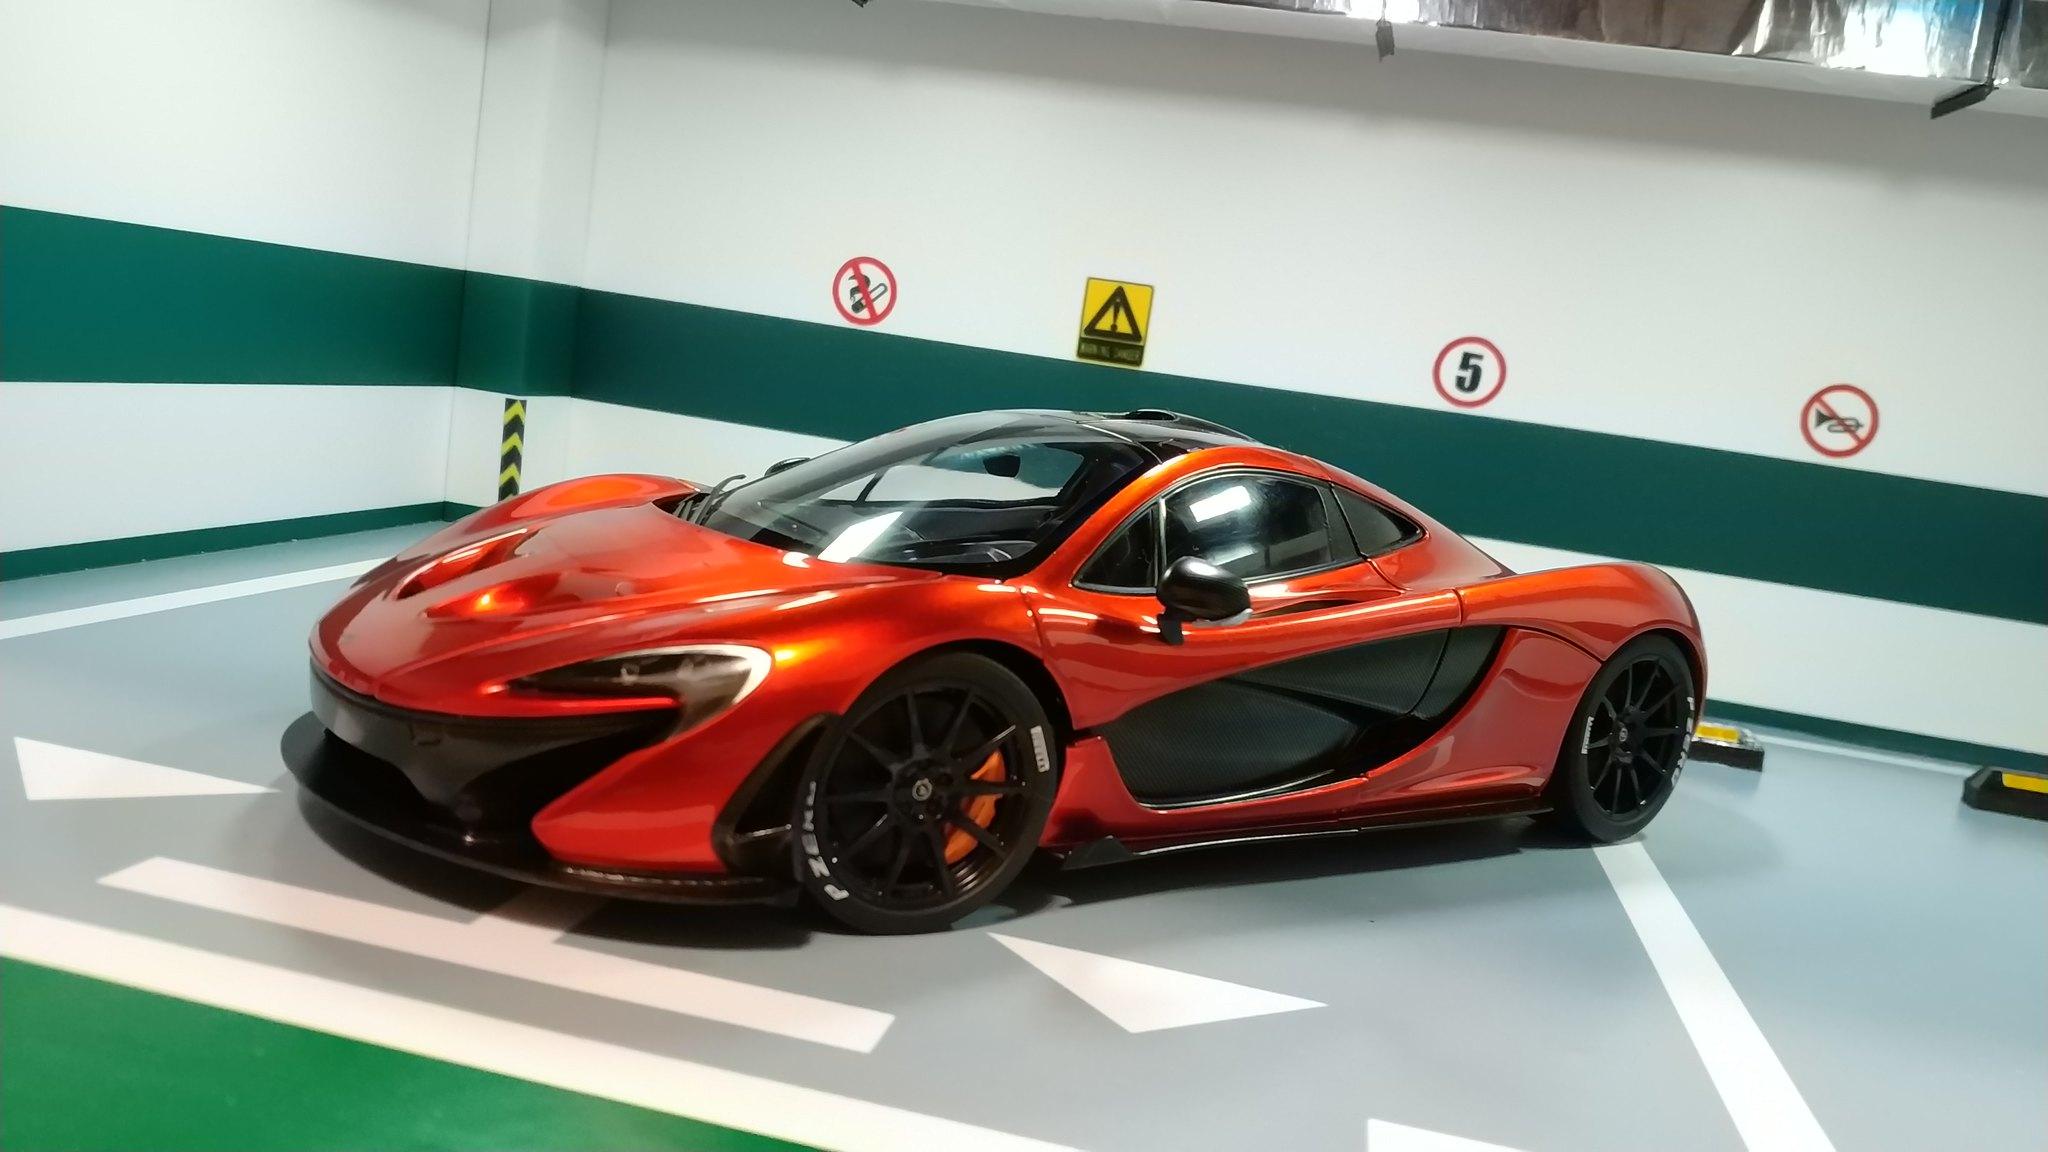 Mclaren P1 Orange >> Autoart Mclaren P1 Volcano Orange 2nd Release Mclaren